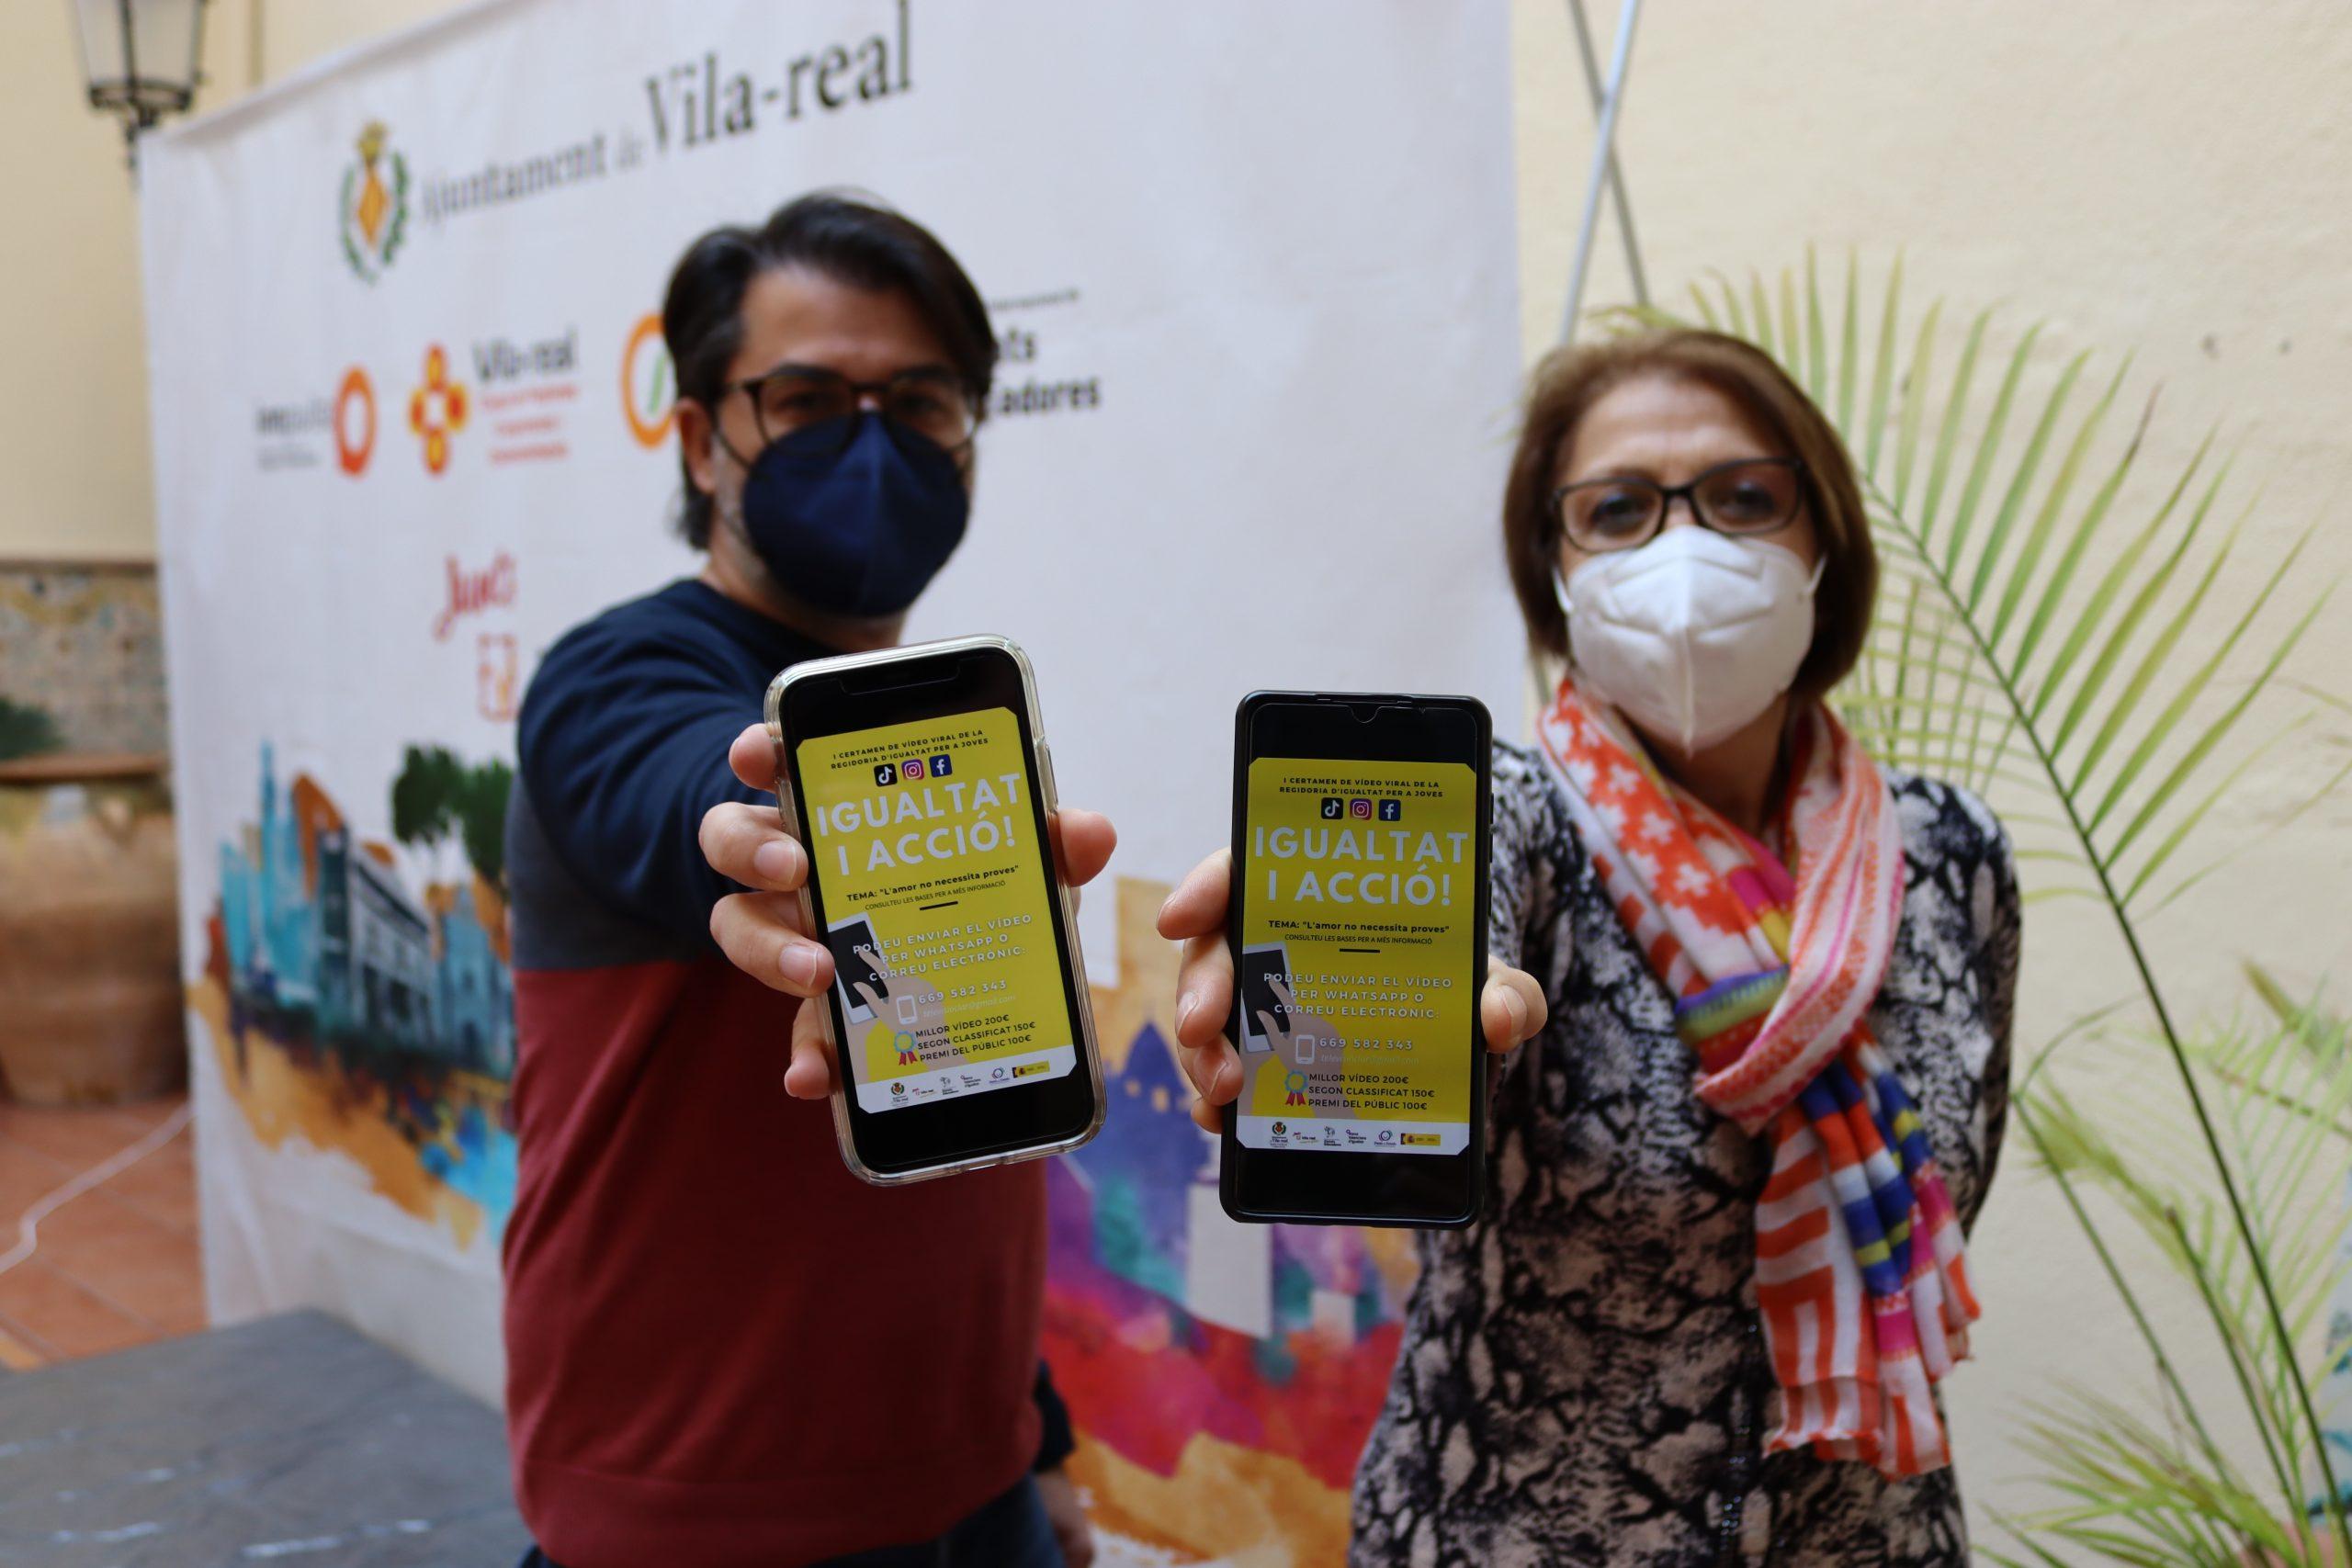 Vila-real conciencia a los jóvenes sobre las relaciones saludables con el primer certamen de vídeo viral en redes sociales Igualtat i acció!